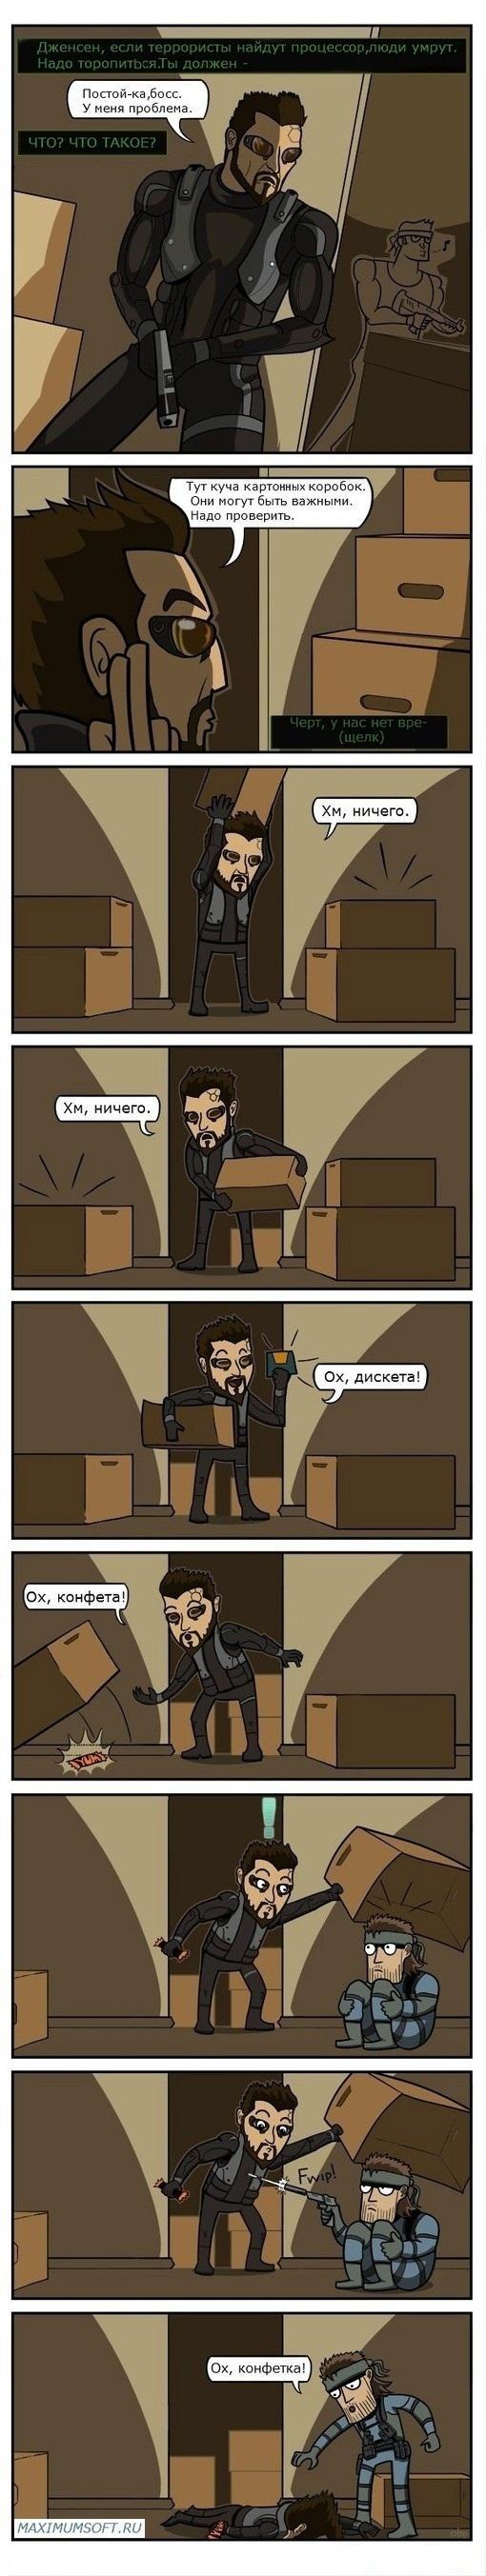 Привет, КАНОБУ! Сегодня увидел небольшой комикс про Deus Ex: Human Revolution и решил перевести его для ВАС! Приятно .... - Изображение 1